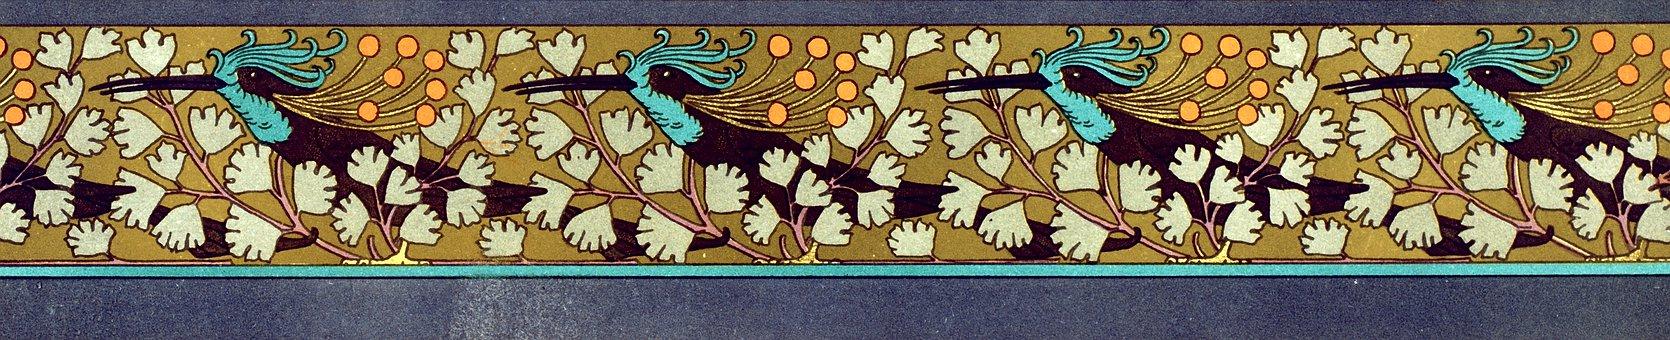 Vintage, Decor, Decorative, Ornamental, Flowers, Floral